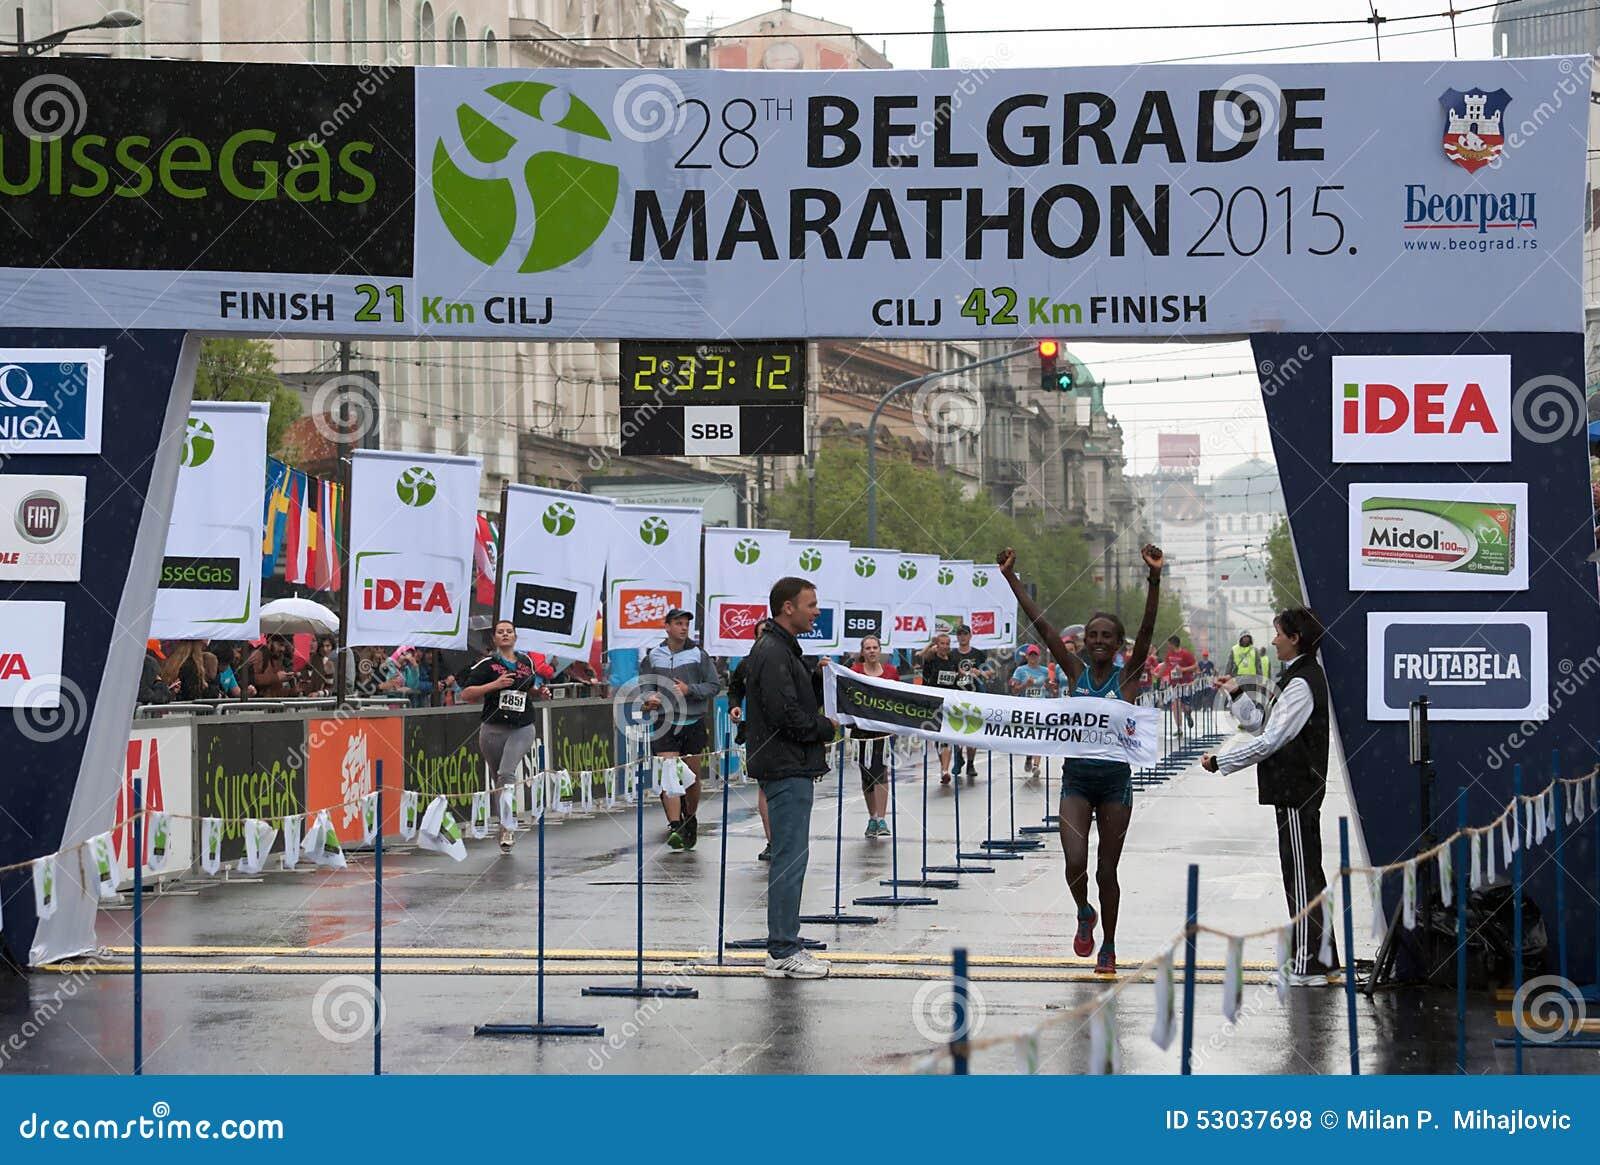 The winner of the marathon for women